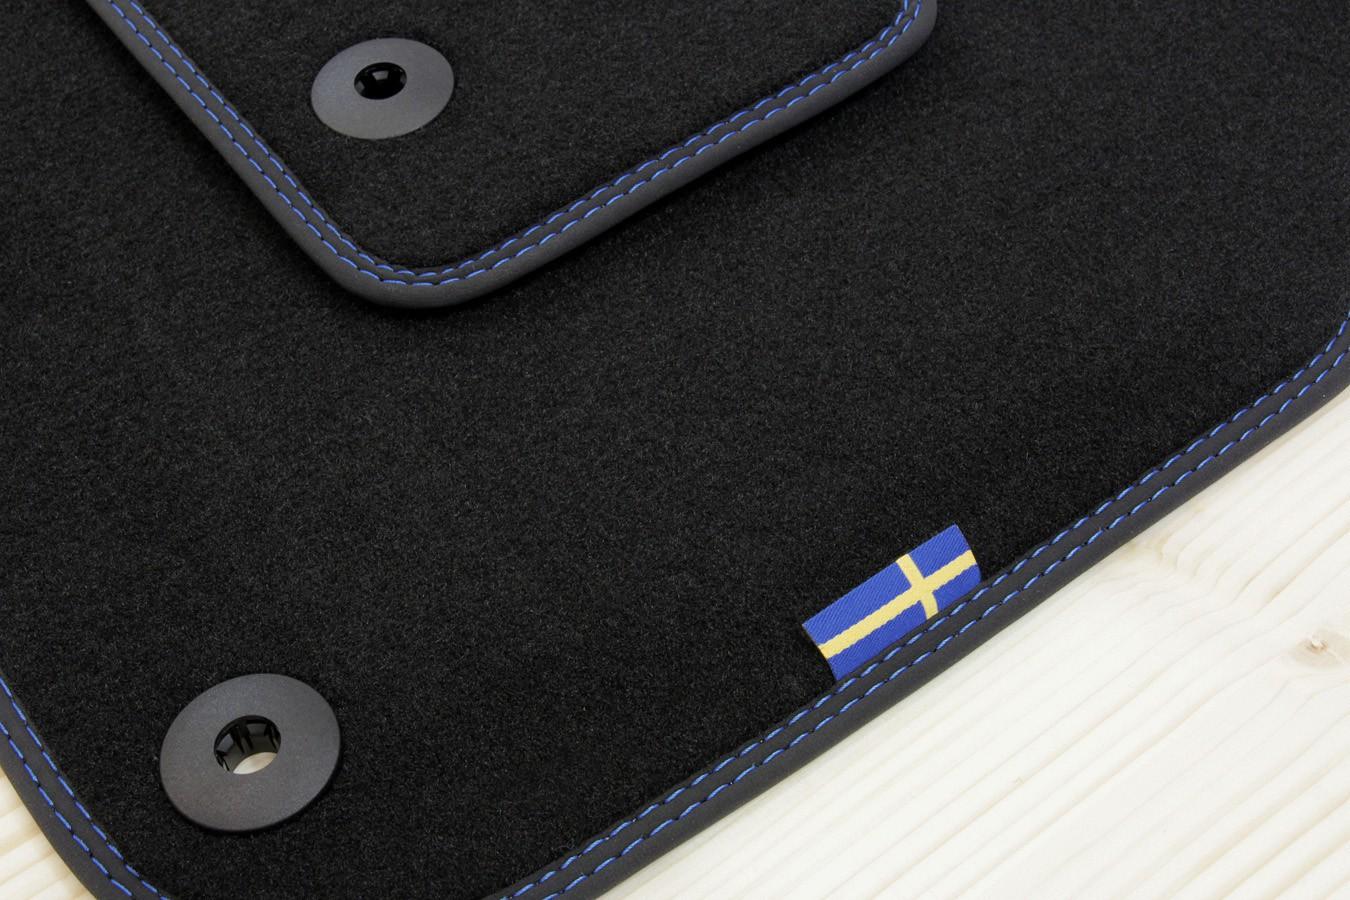 Design Tapis De Sol Tapis De Coffre Pour Volvo Xc90 Ann E 2015 Tapis De Voiture Pour Volvo